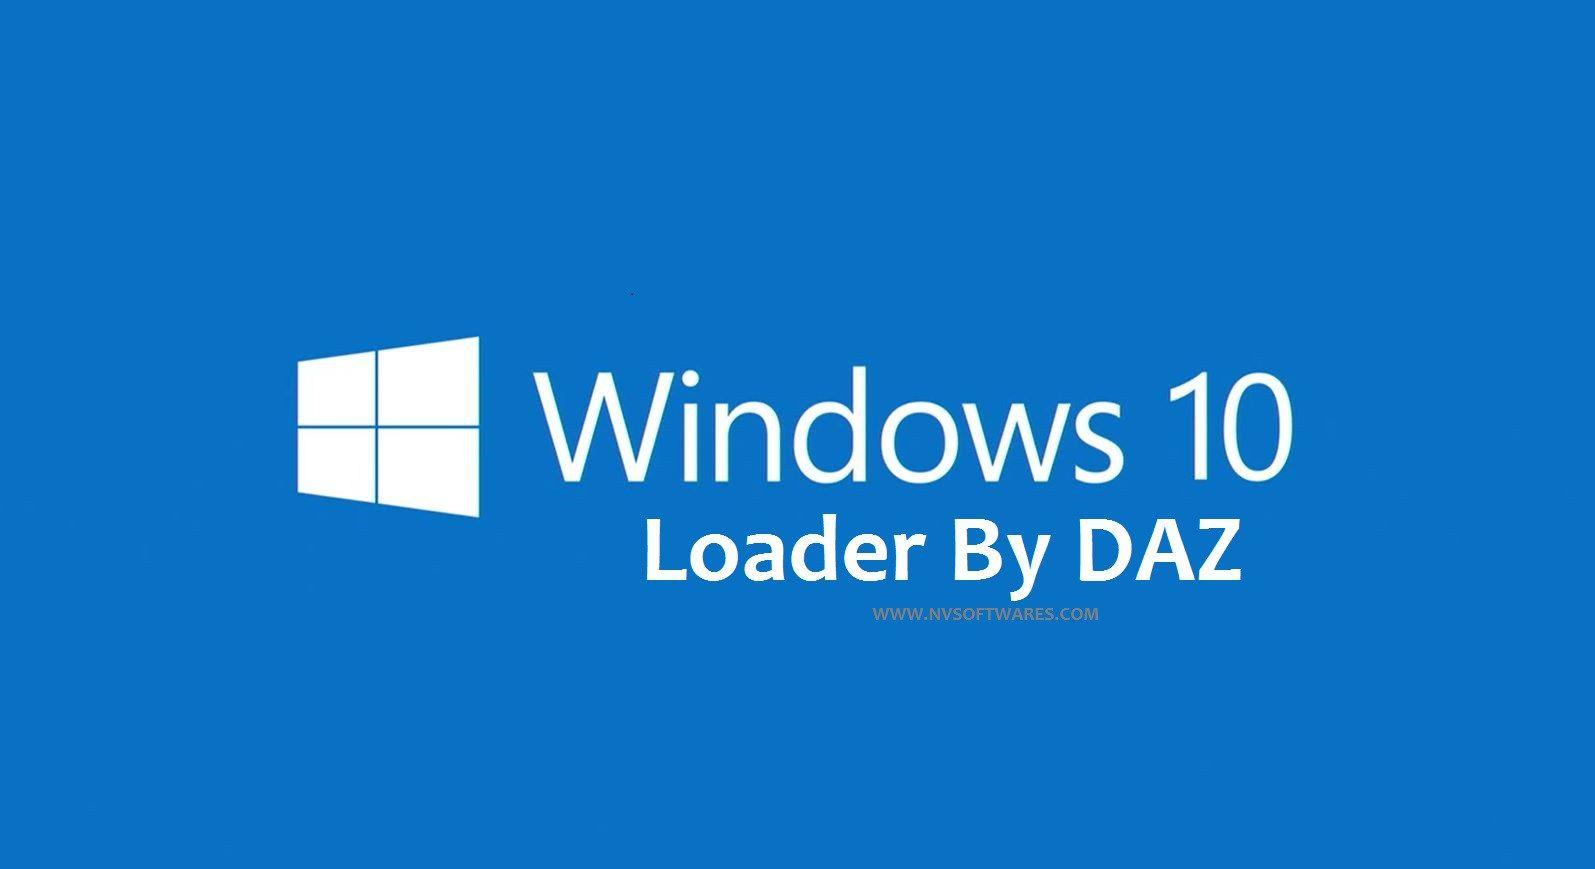 Windows 10 Loader Activator By DAZ Free Download | Crack